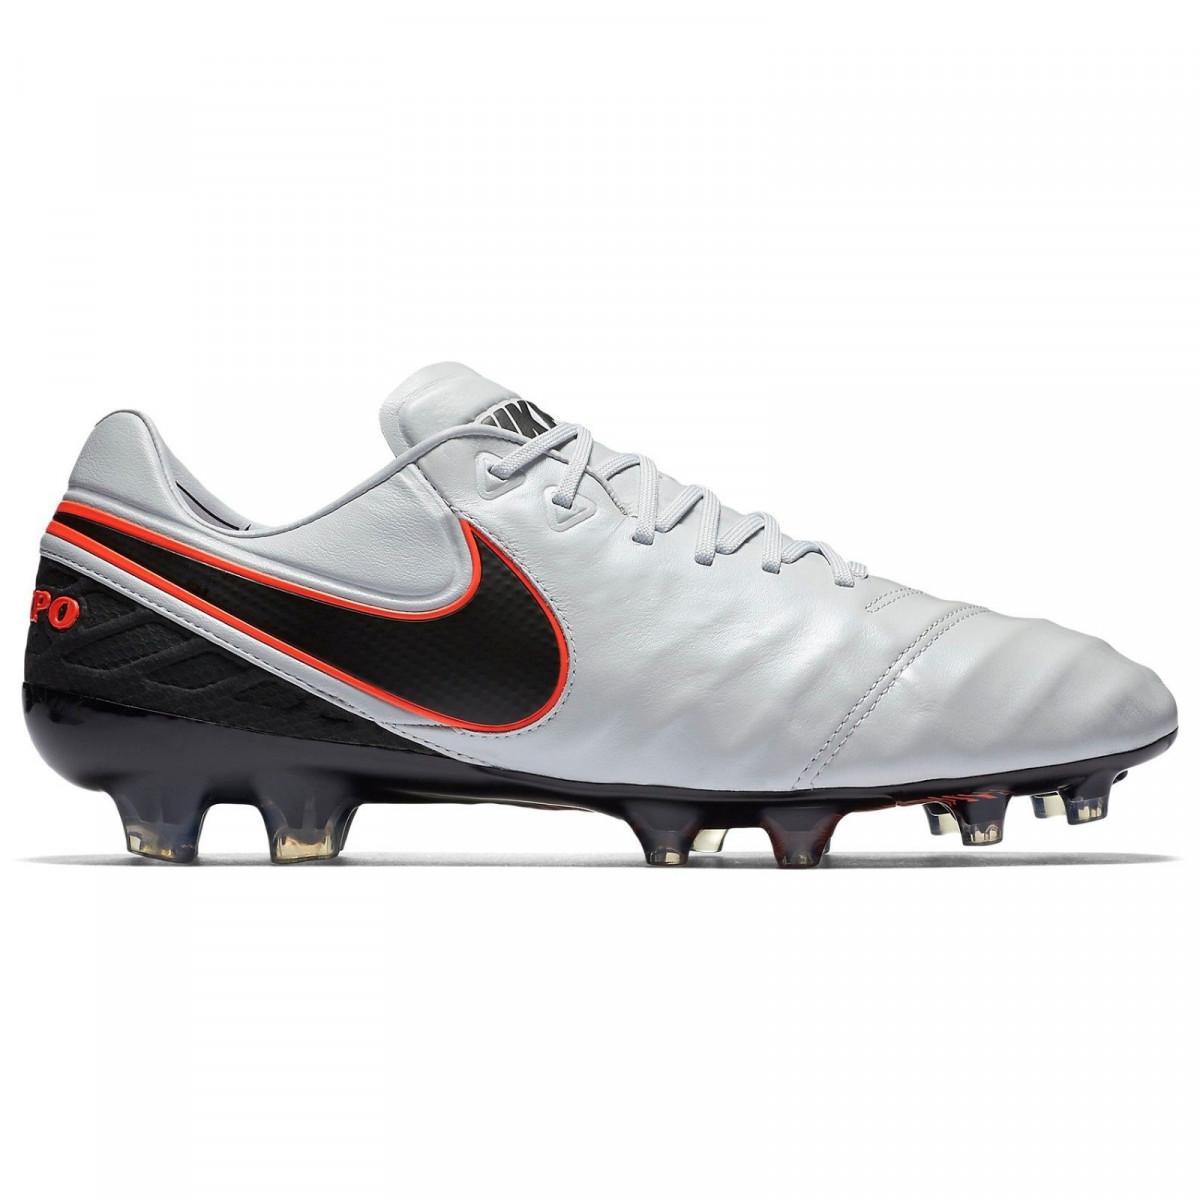 Botines Nike Tiempo Legend VI Fg - Césped - Botines - Hombre 0c7a5aed03ed5